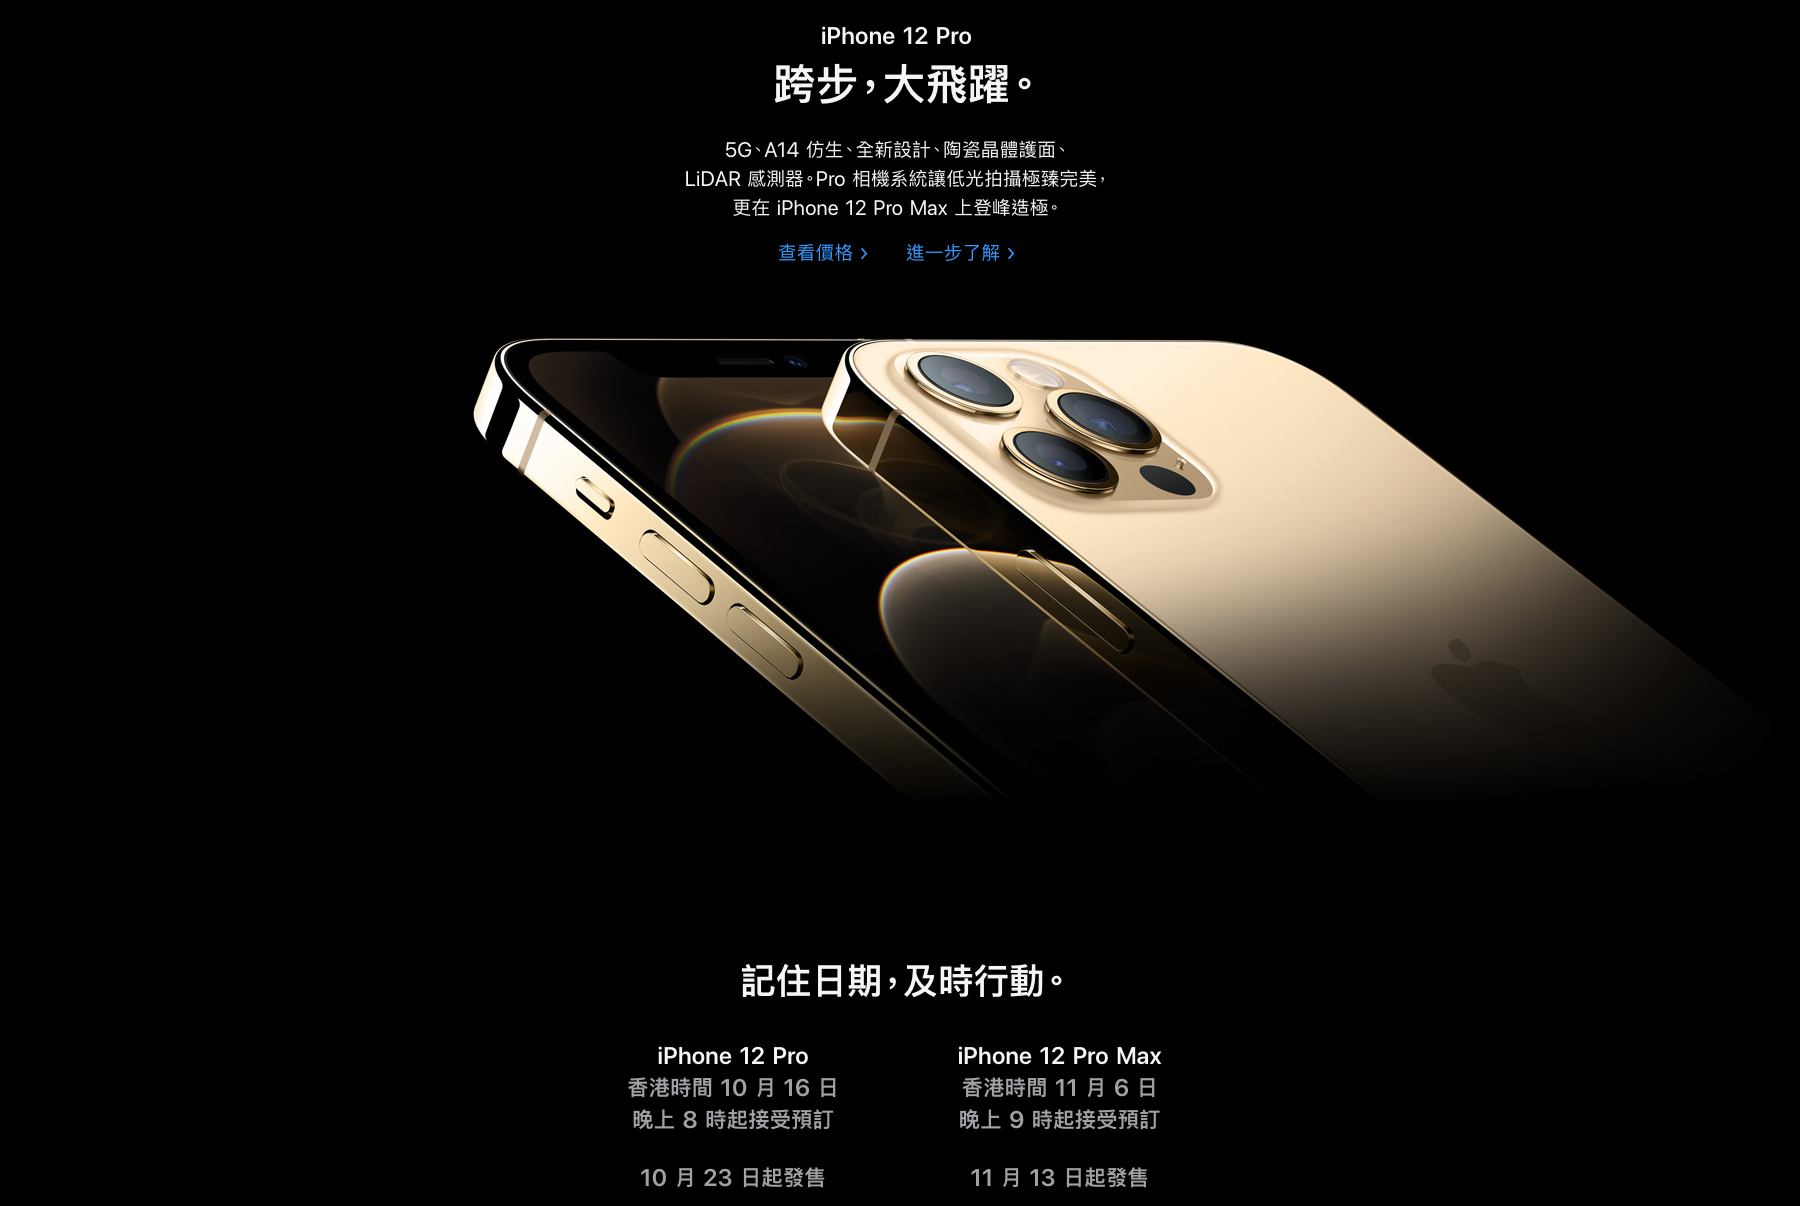 【炒風不再】iPhone 12 系列即將開售 疫情下店家料只炒到500元